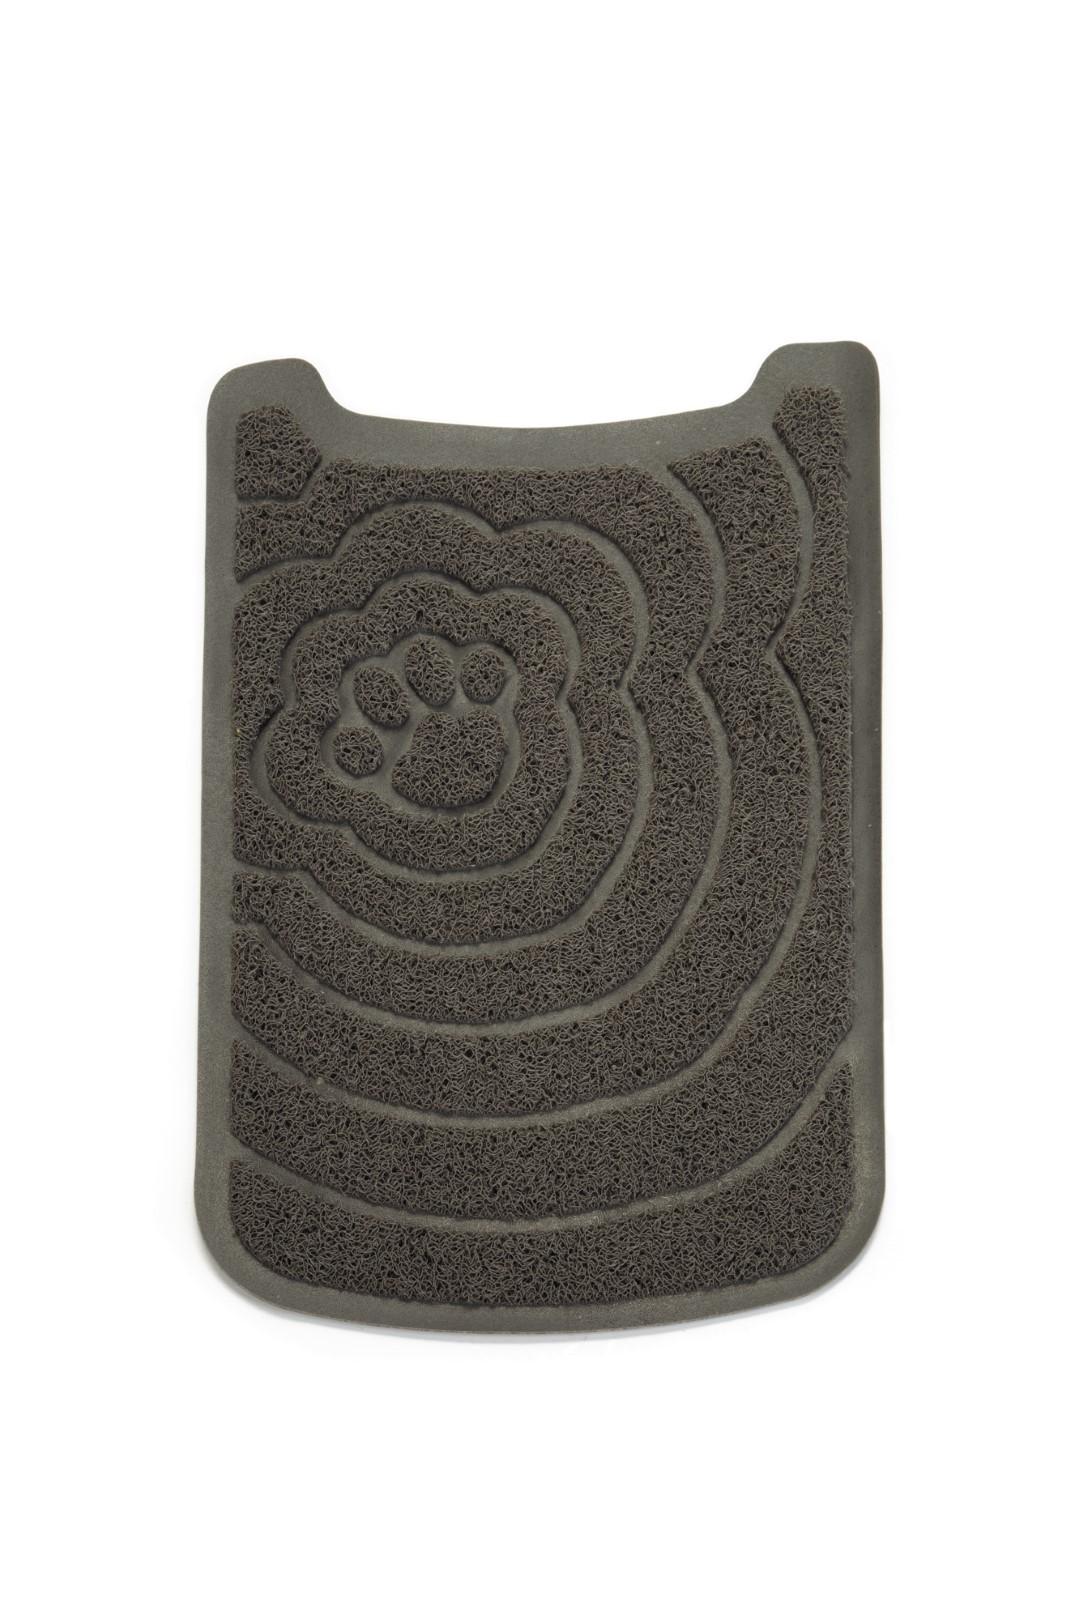 Kattenbak mat nestor met aseo jumbo 53x39